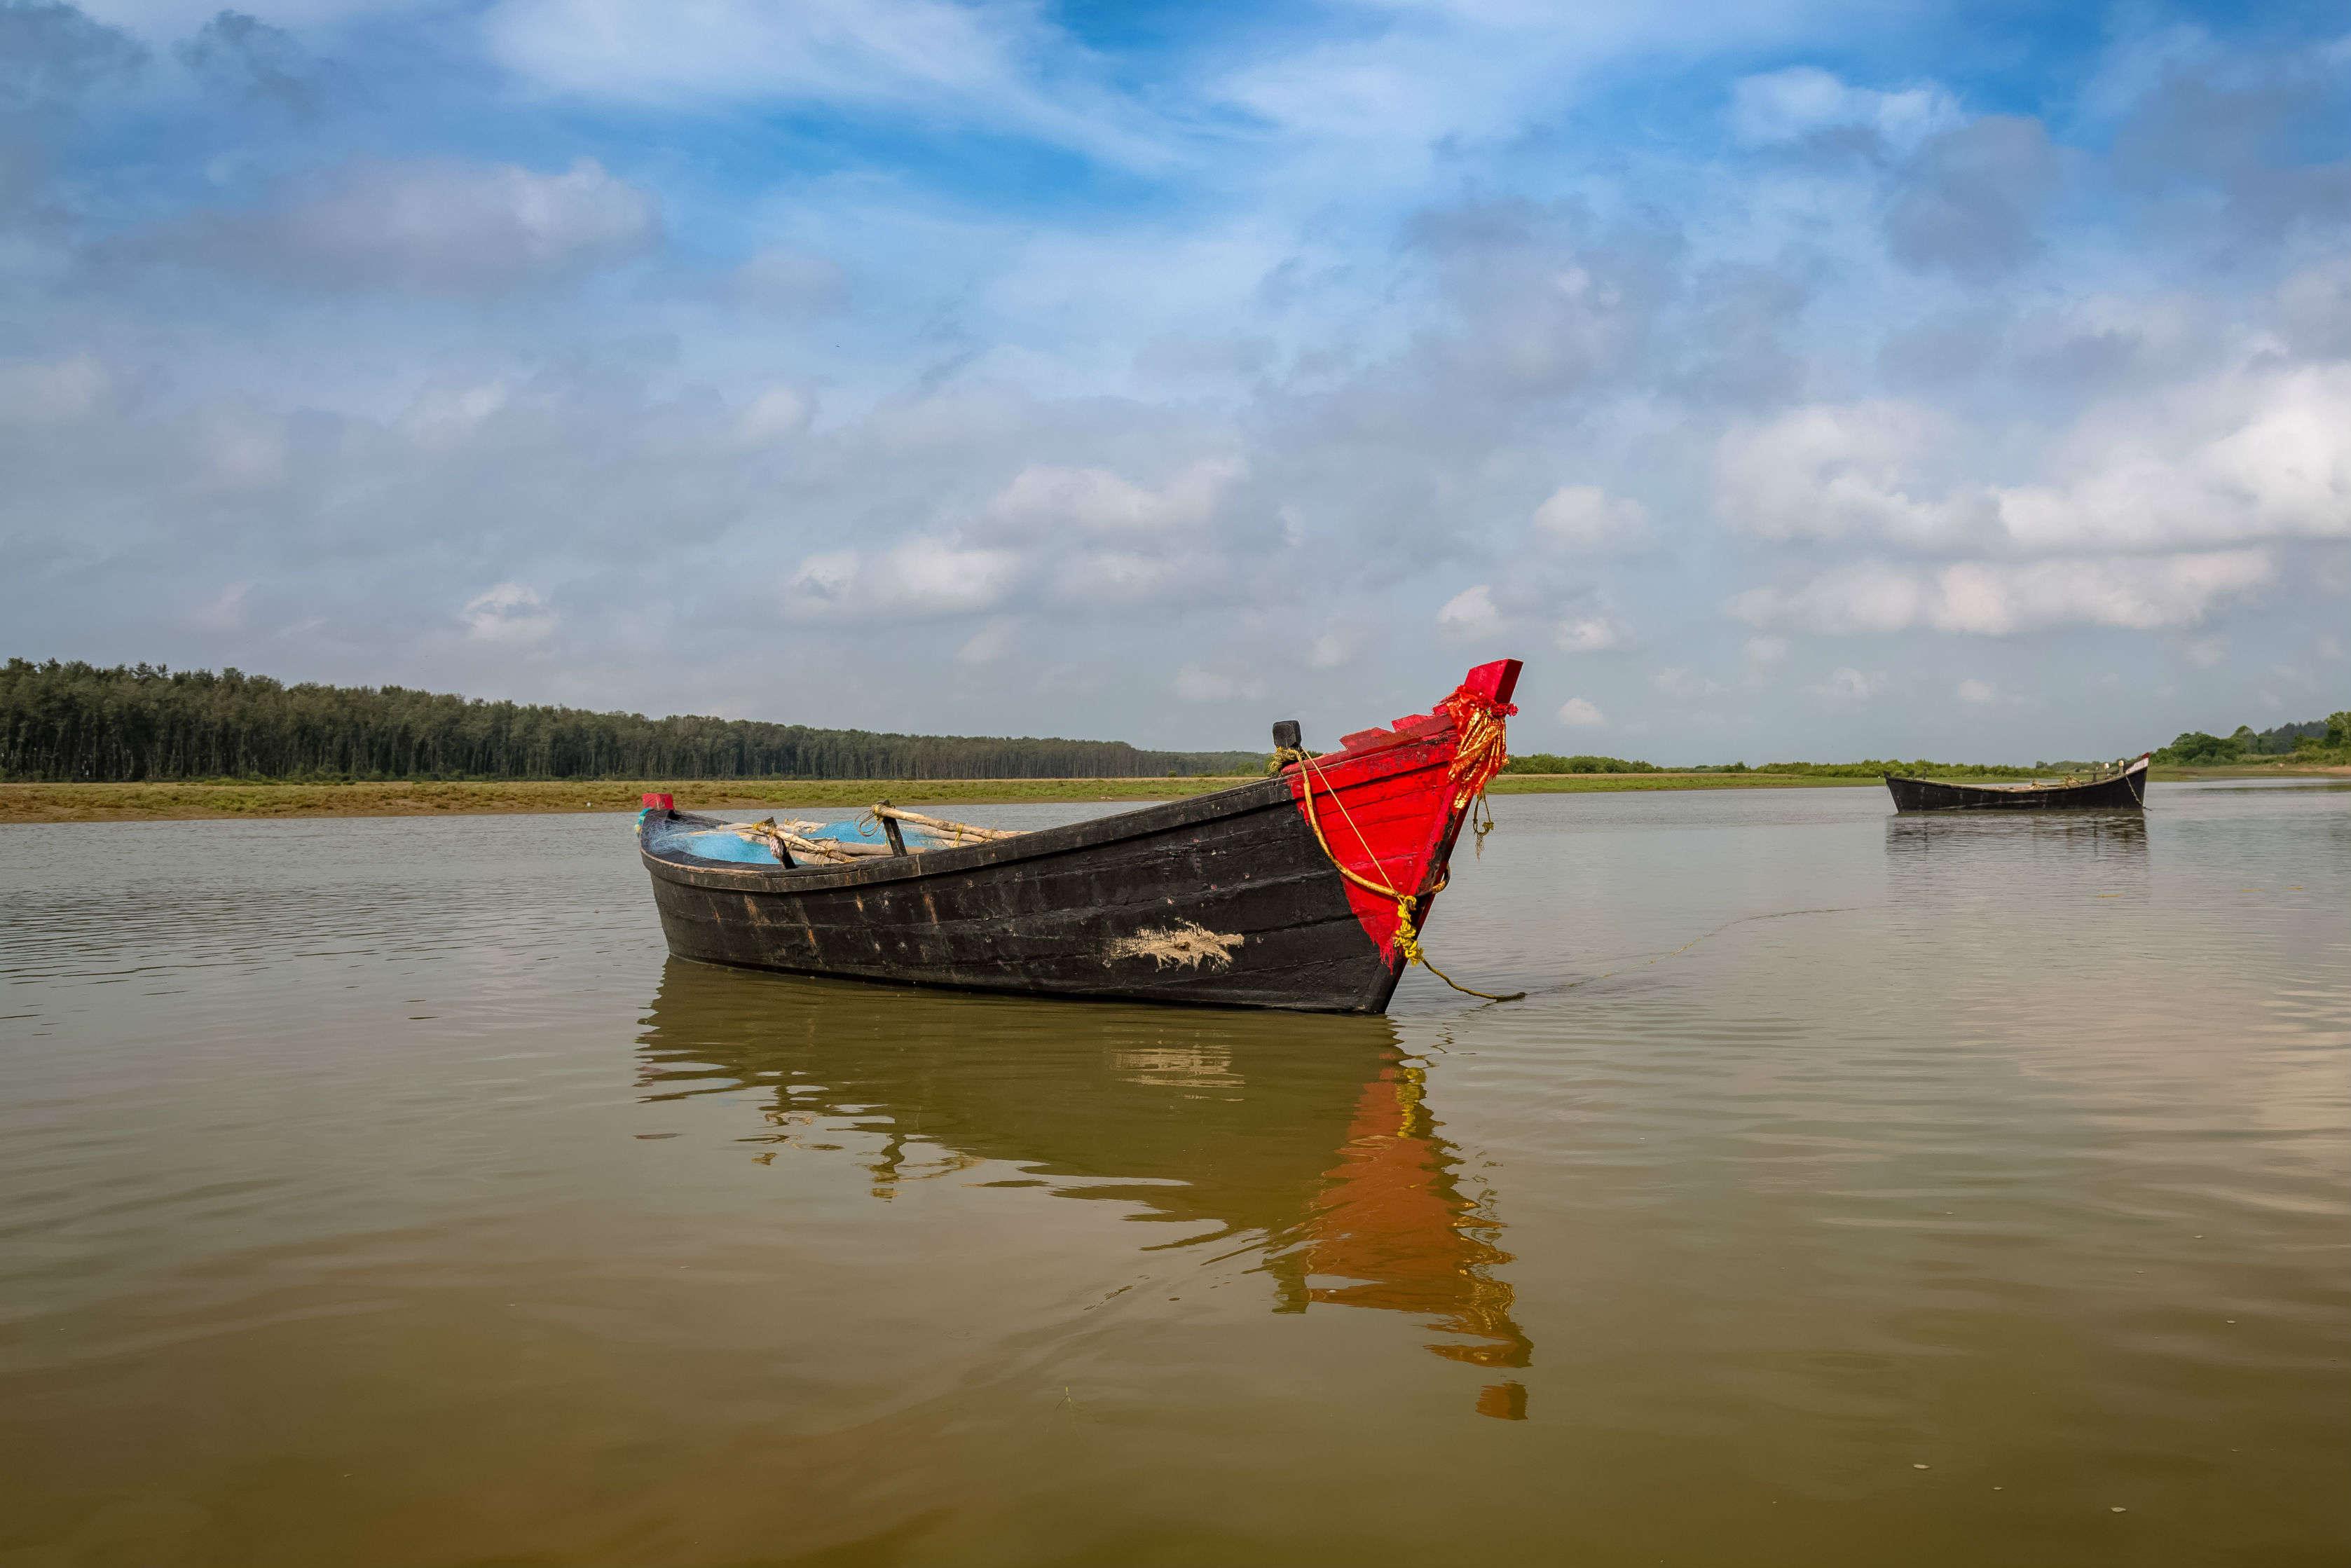 Taki—a pastoral delight near Kolkata